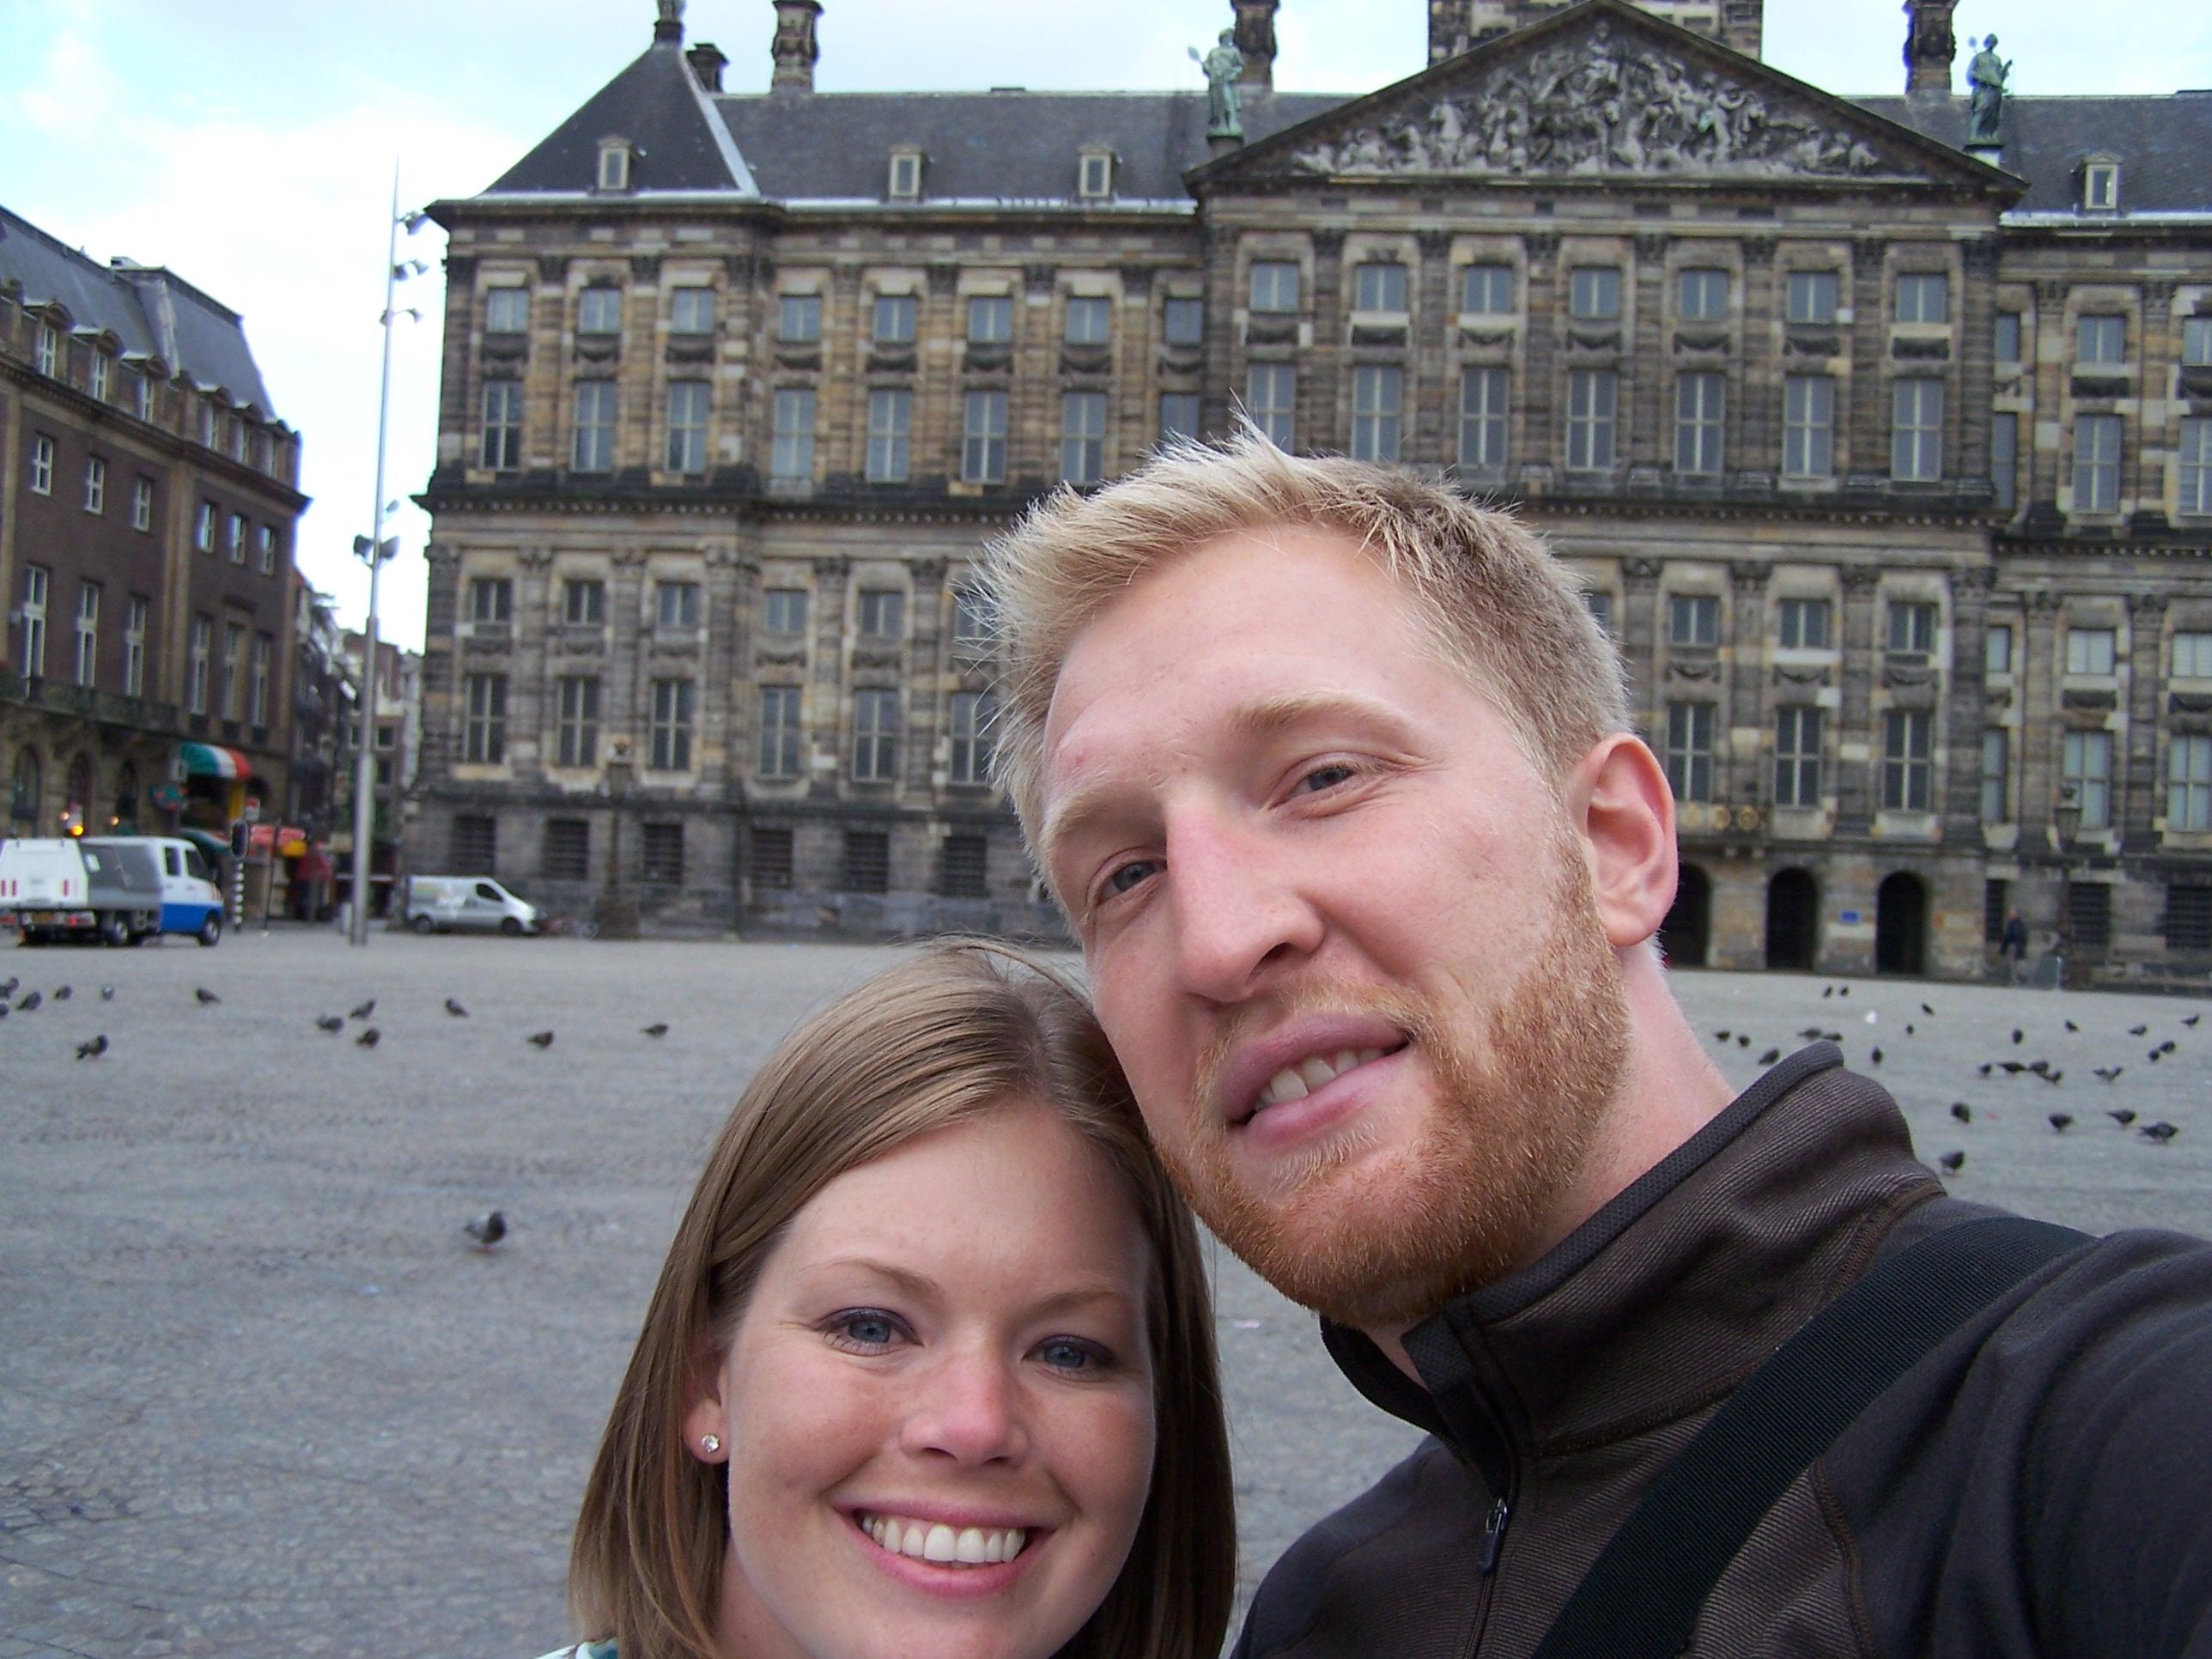 Dam Square in Amsterdam.